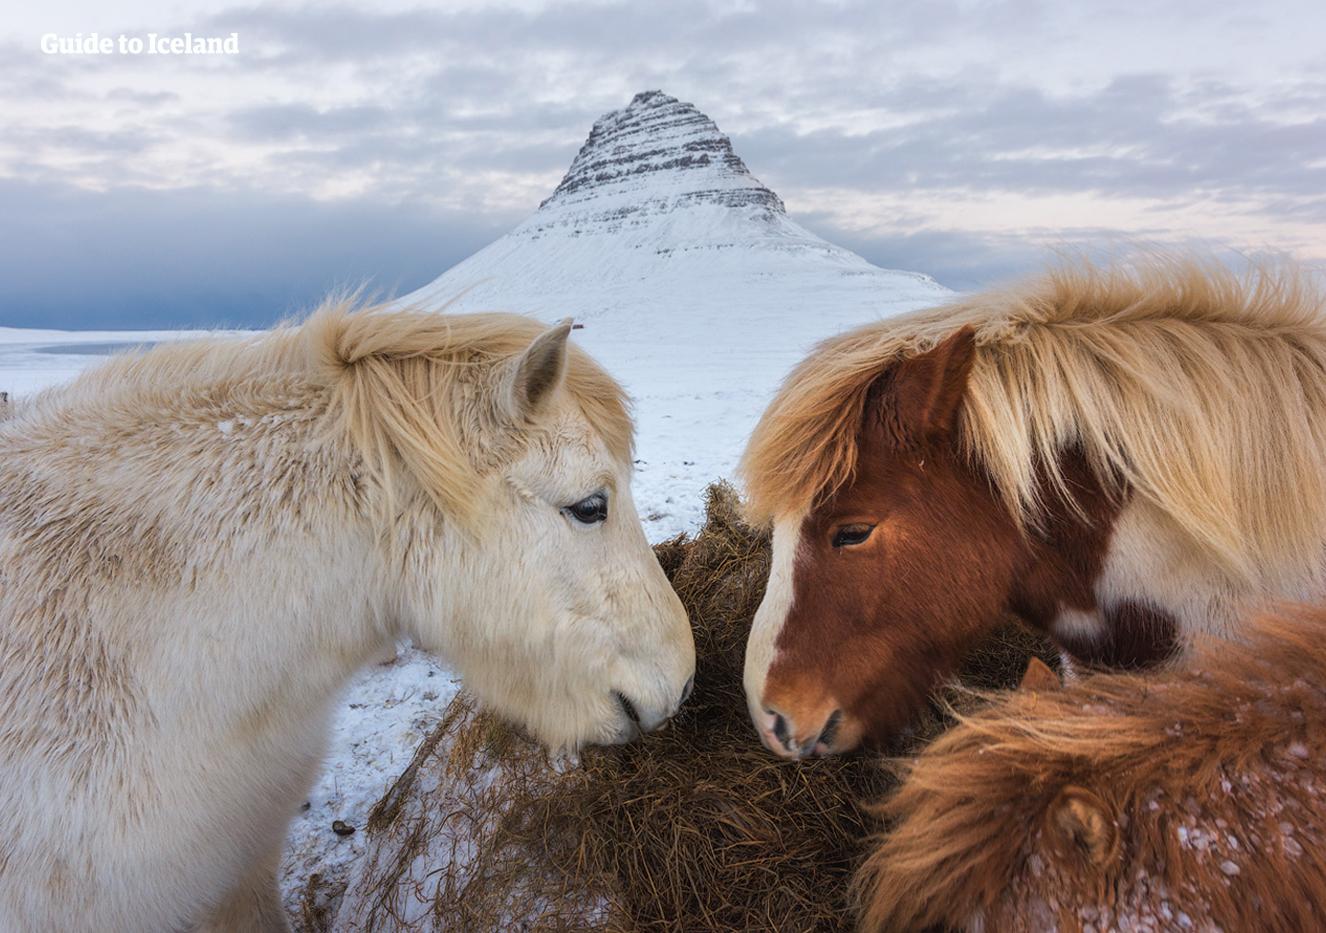 冰岛马在冰岛西部斯奈山半岛的教会山下漫步